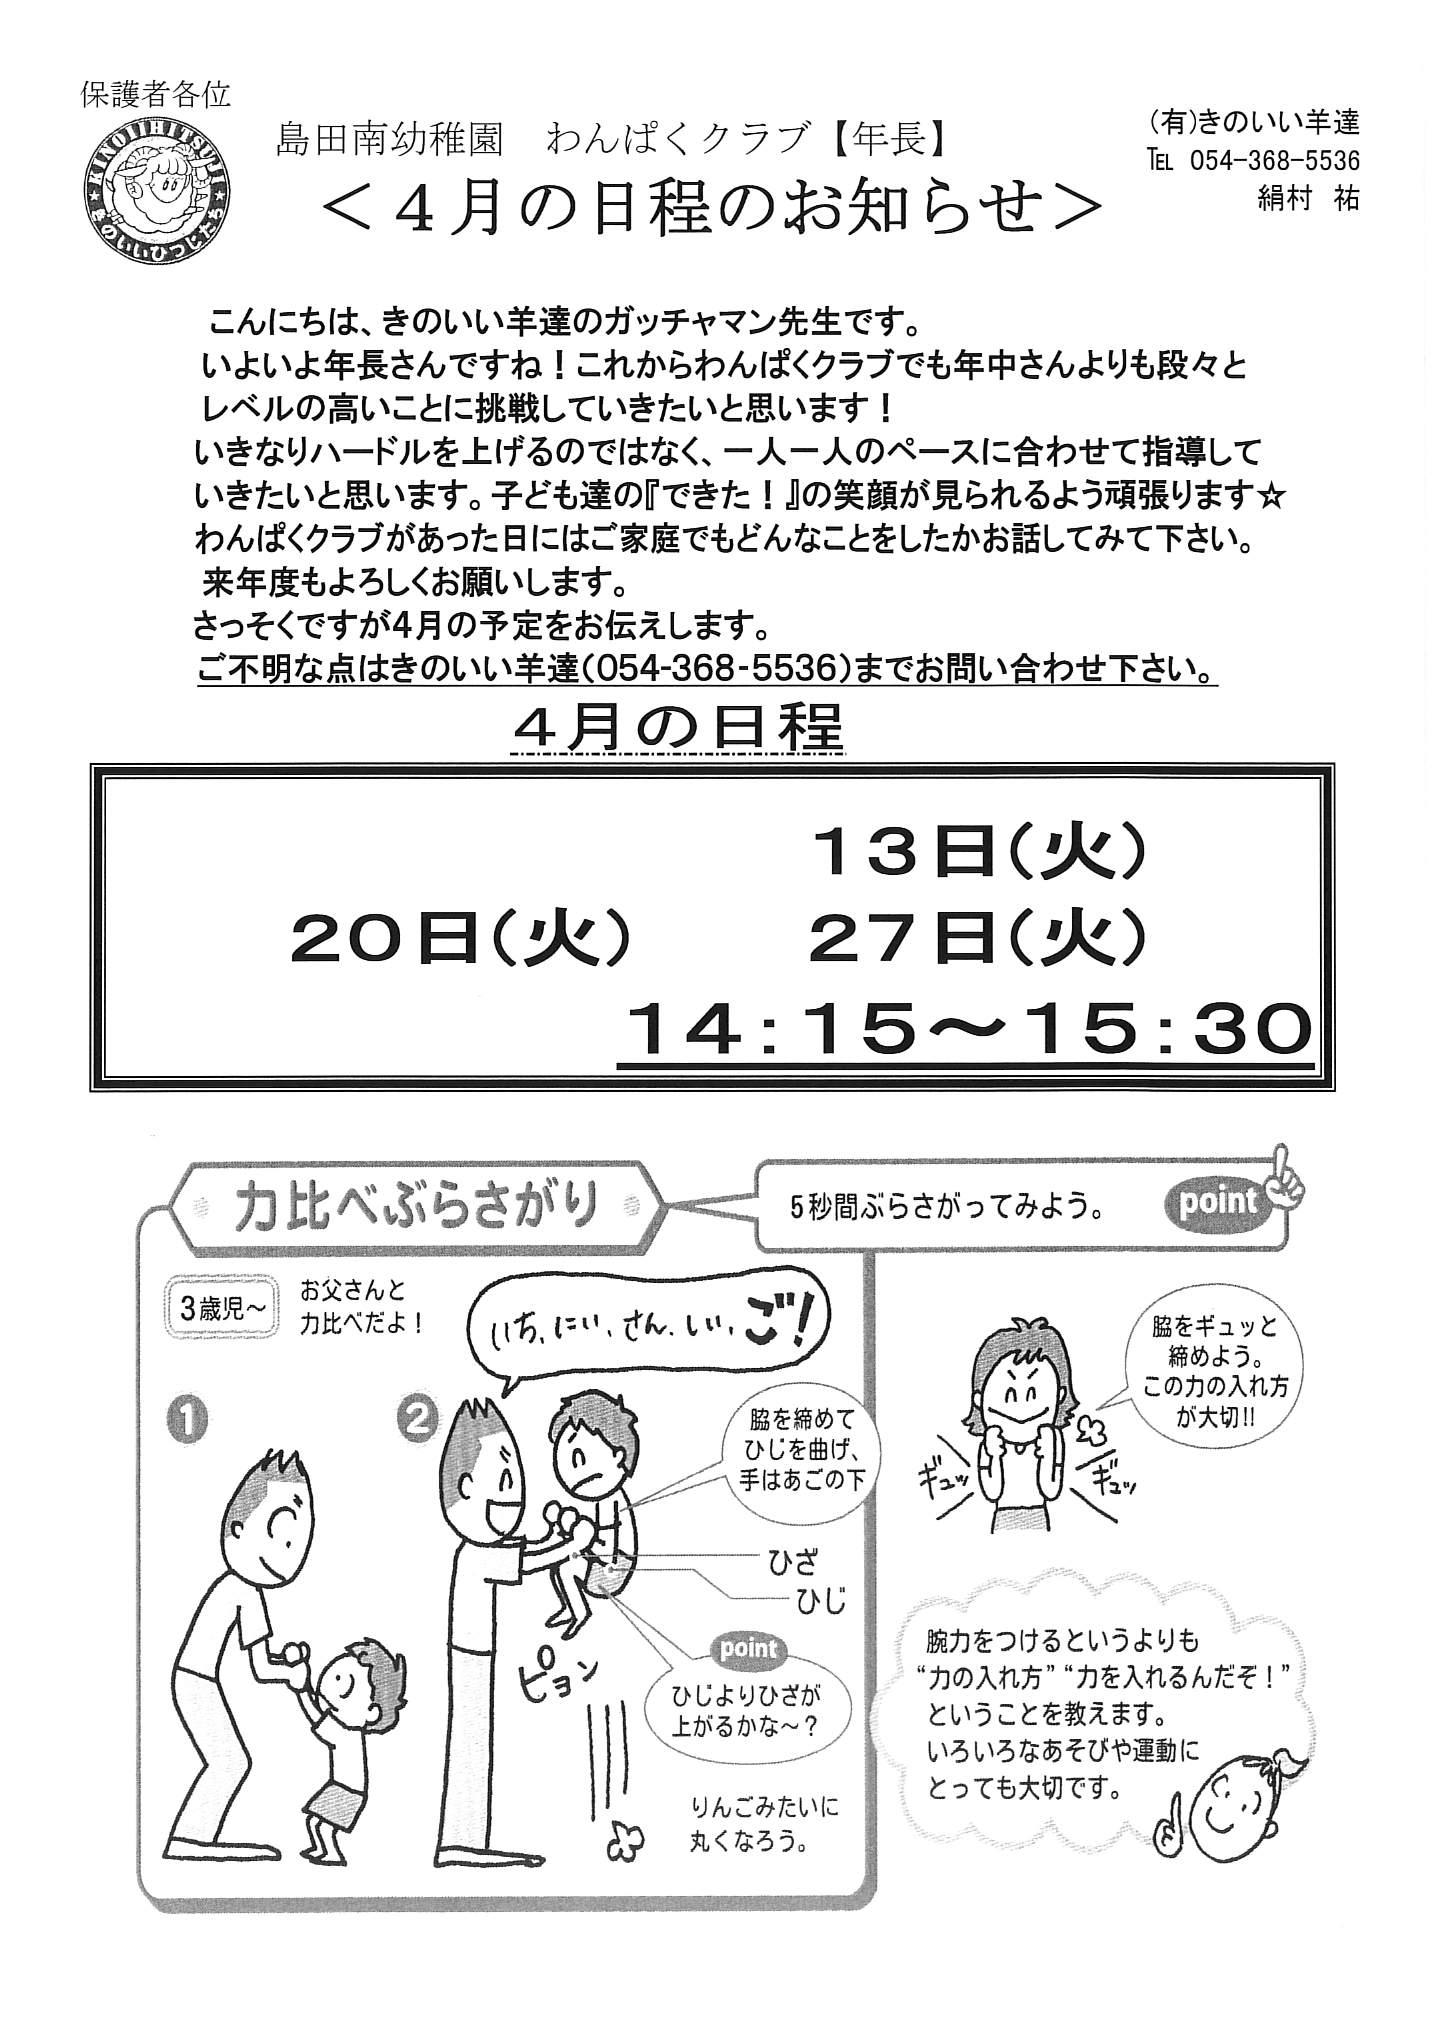 島田 南幼稚園(長)